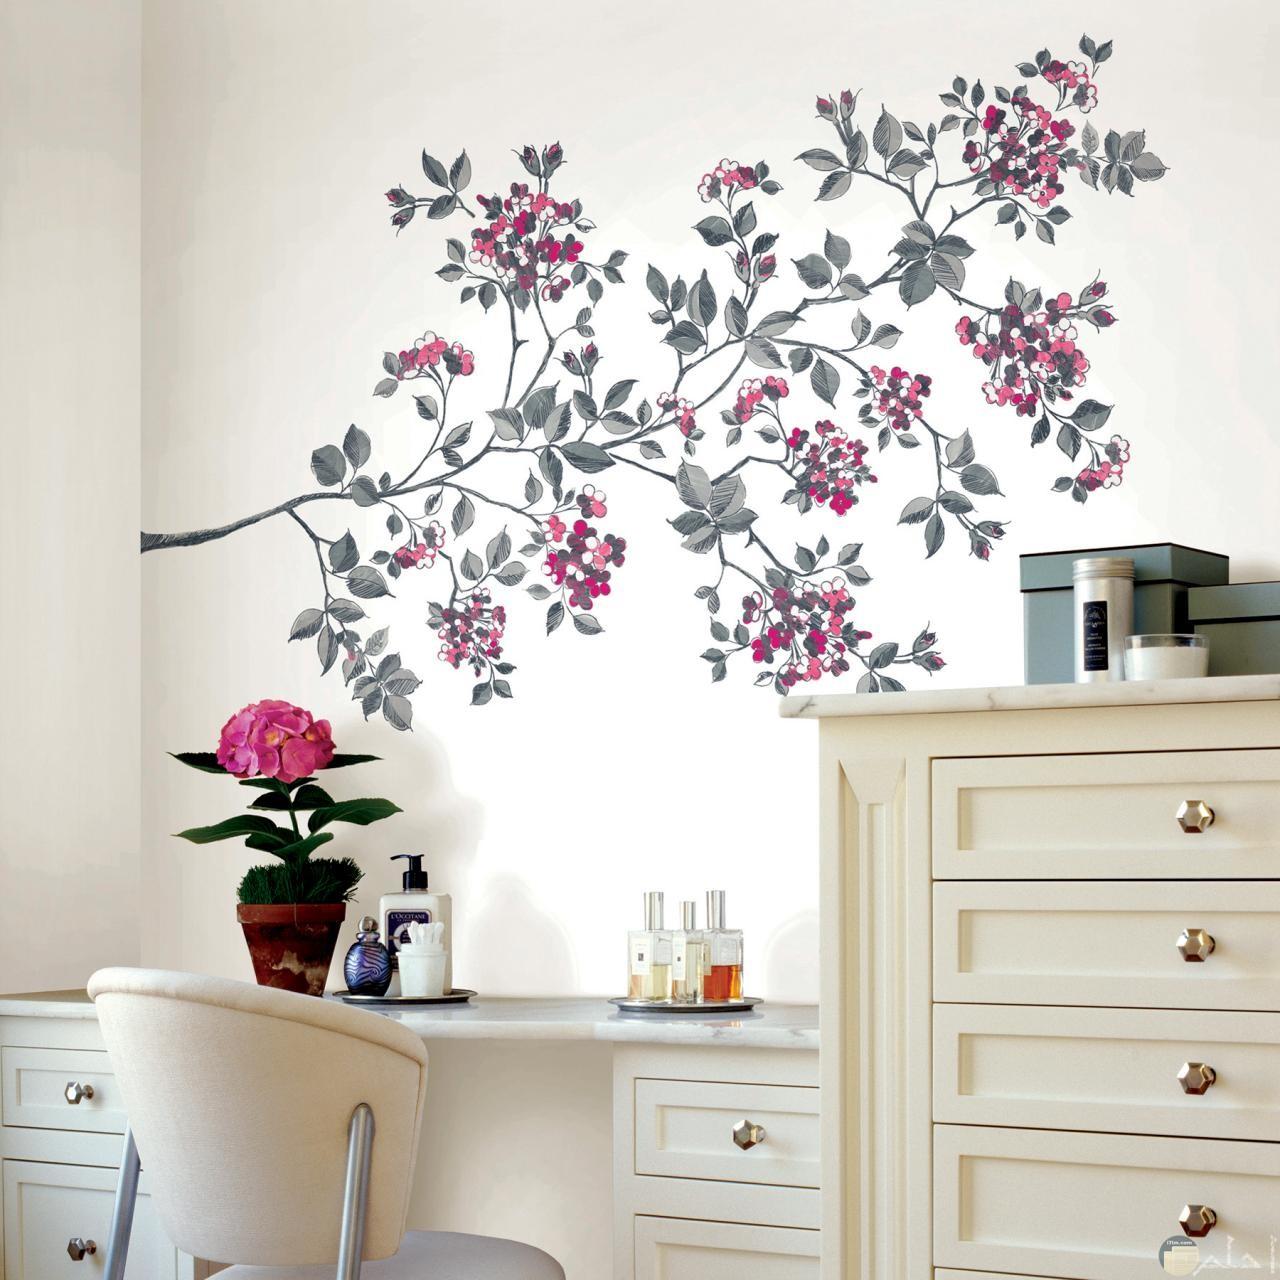 شكل جميل جدا لرسومات الحائط على شكل زهور